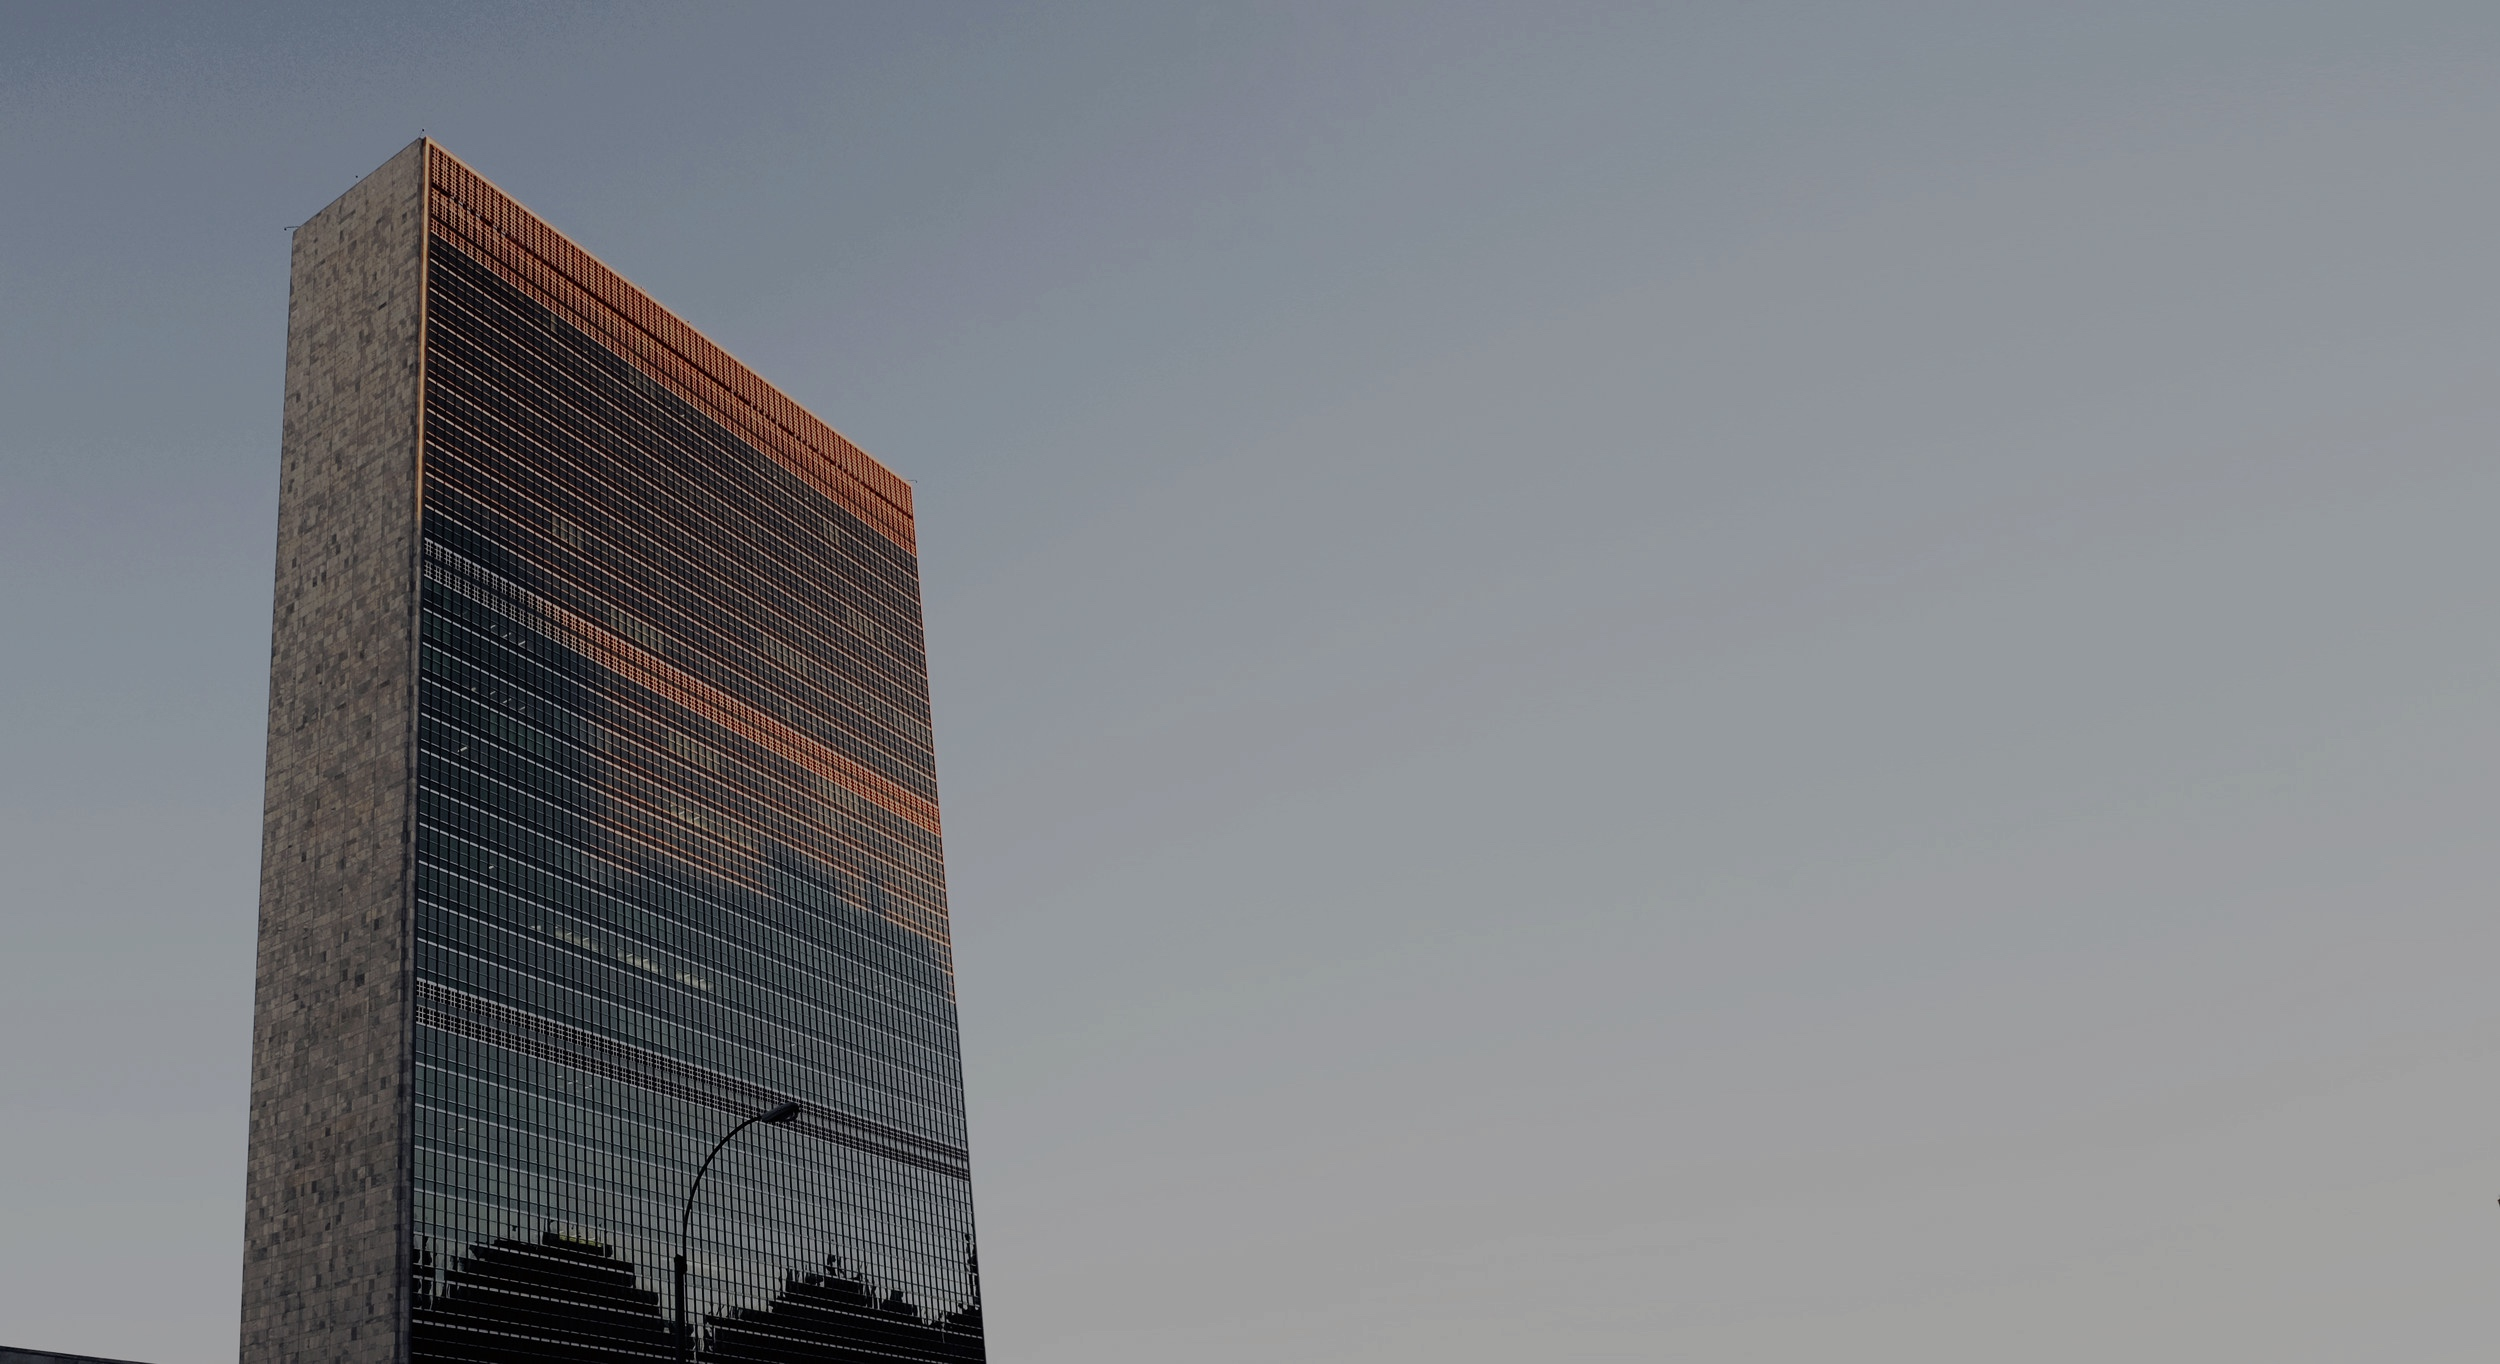 United Nations Internship Program - New York City, New York